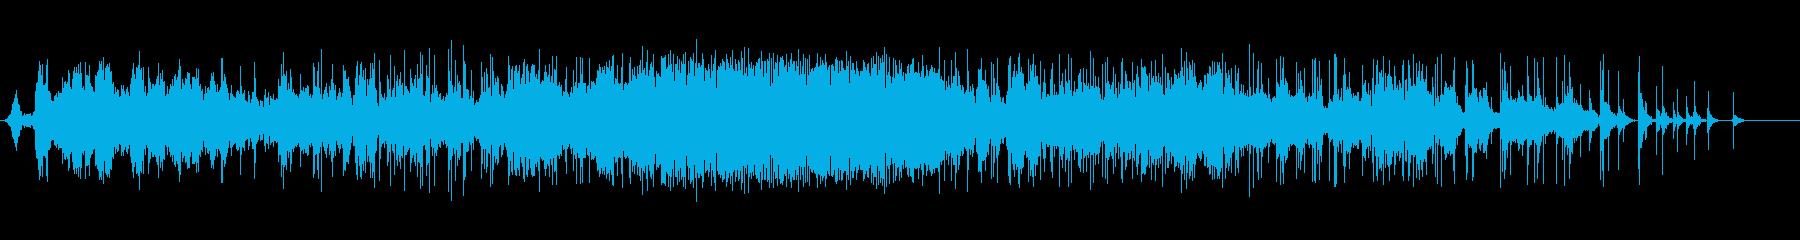 スモールスタジオオーディエンス:拍...の再生済みの波形